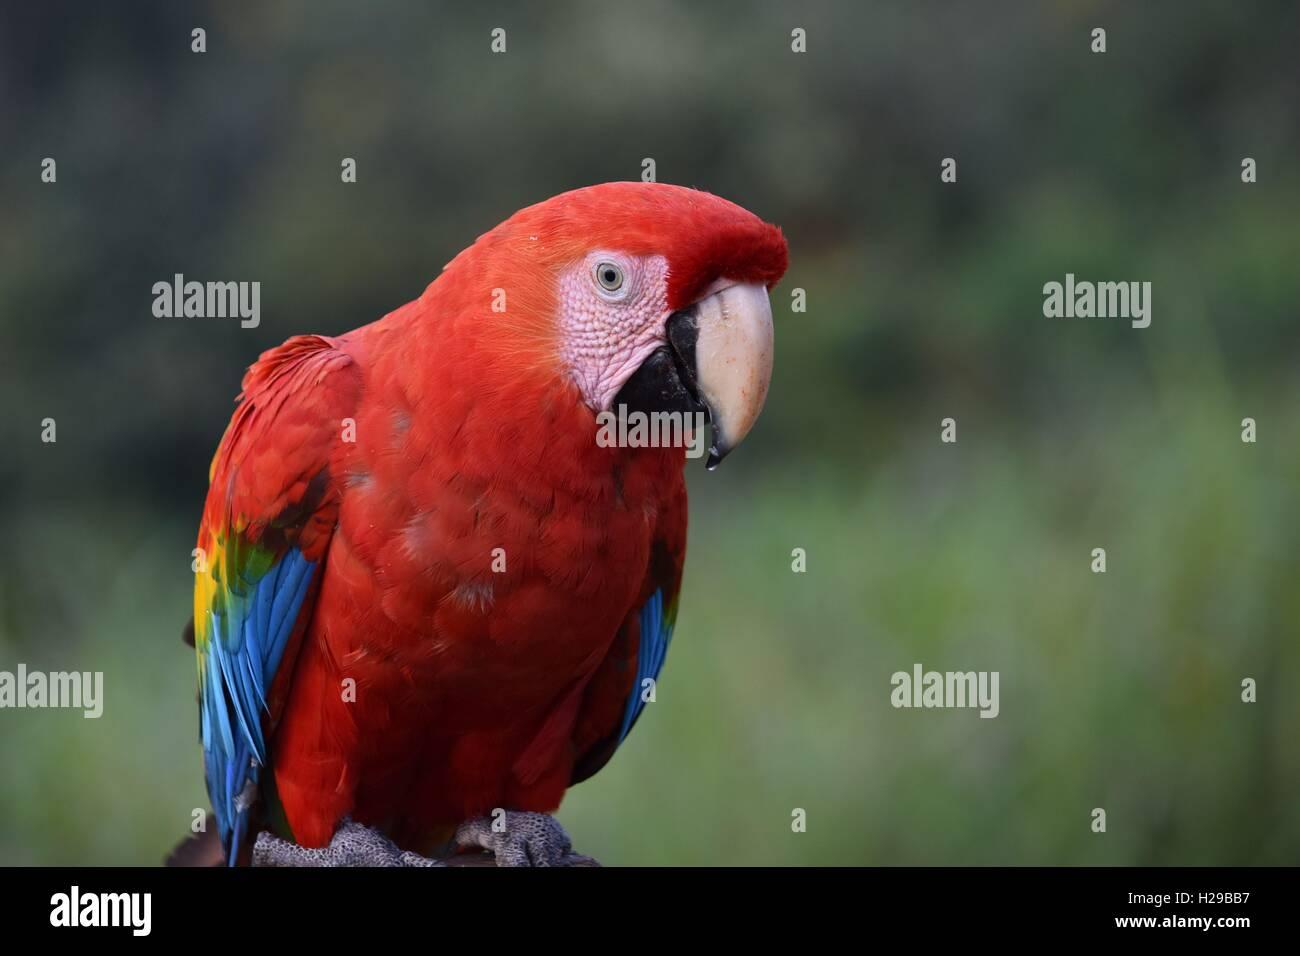 Papagei, Fauna, Flora, Dschungel, Regenwald, Manu, Peru Stockbild